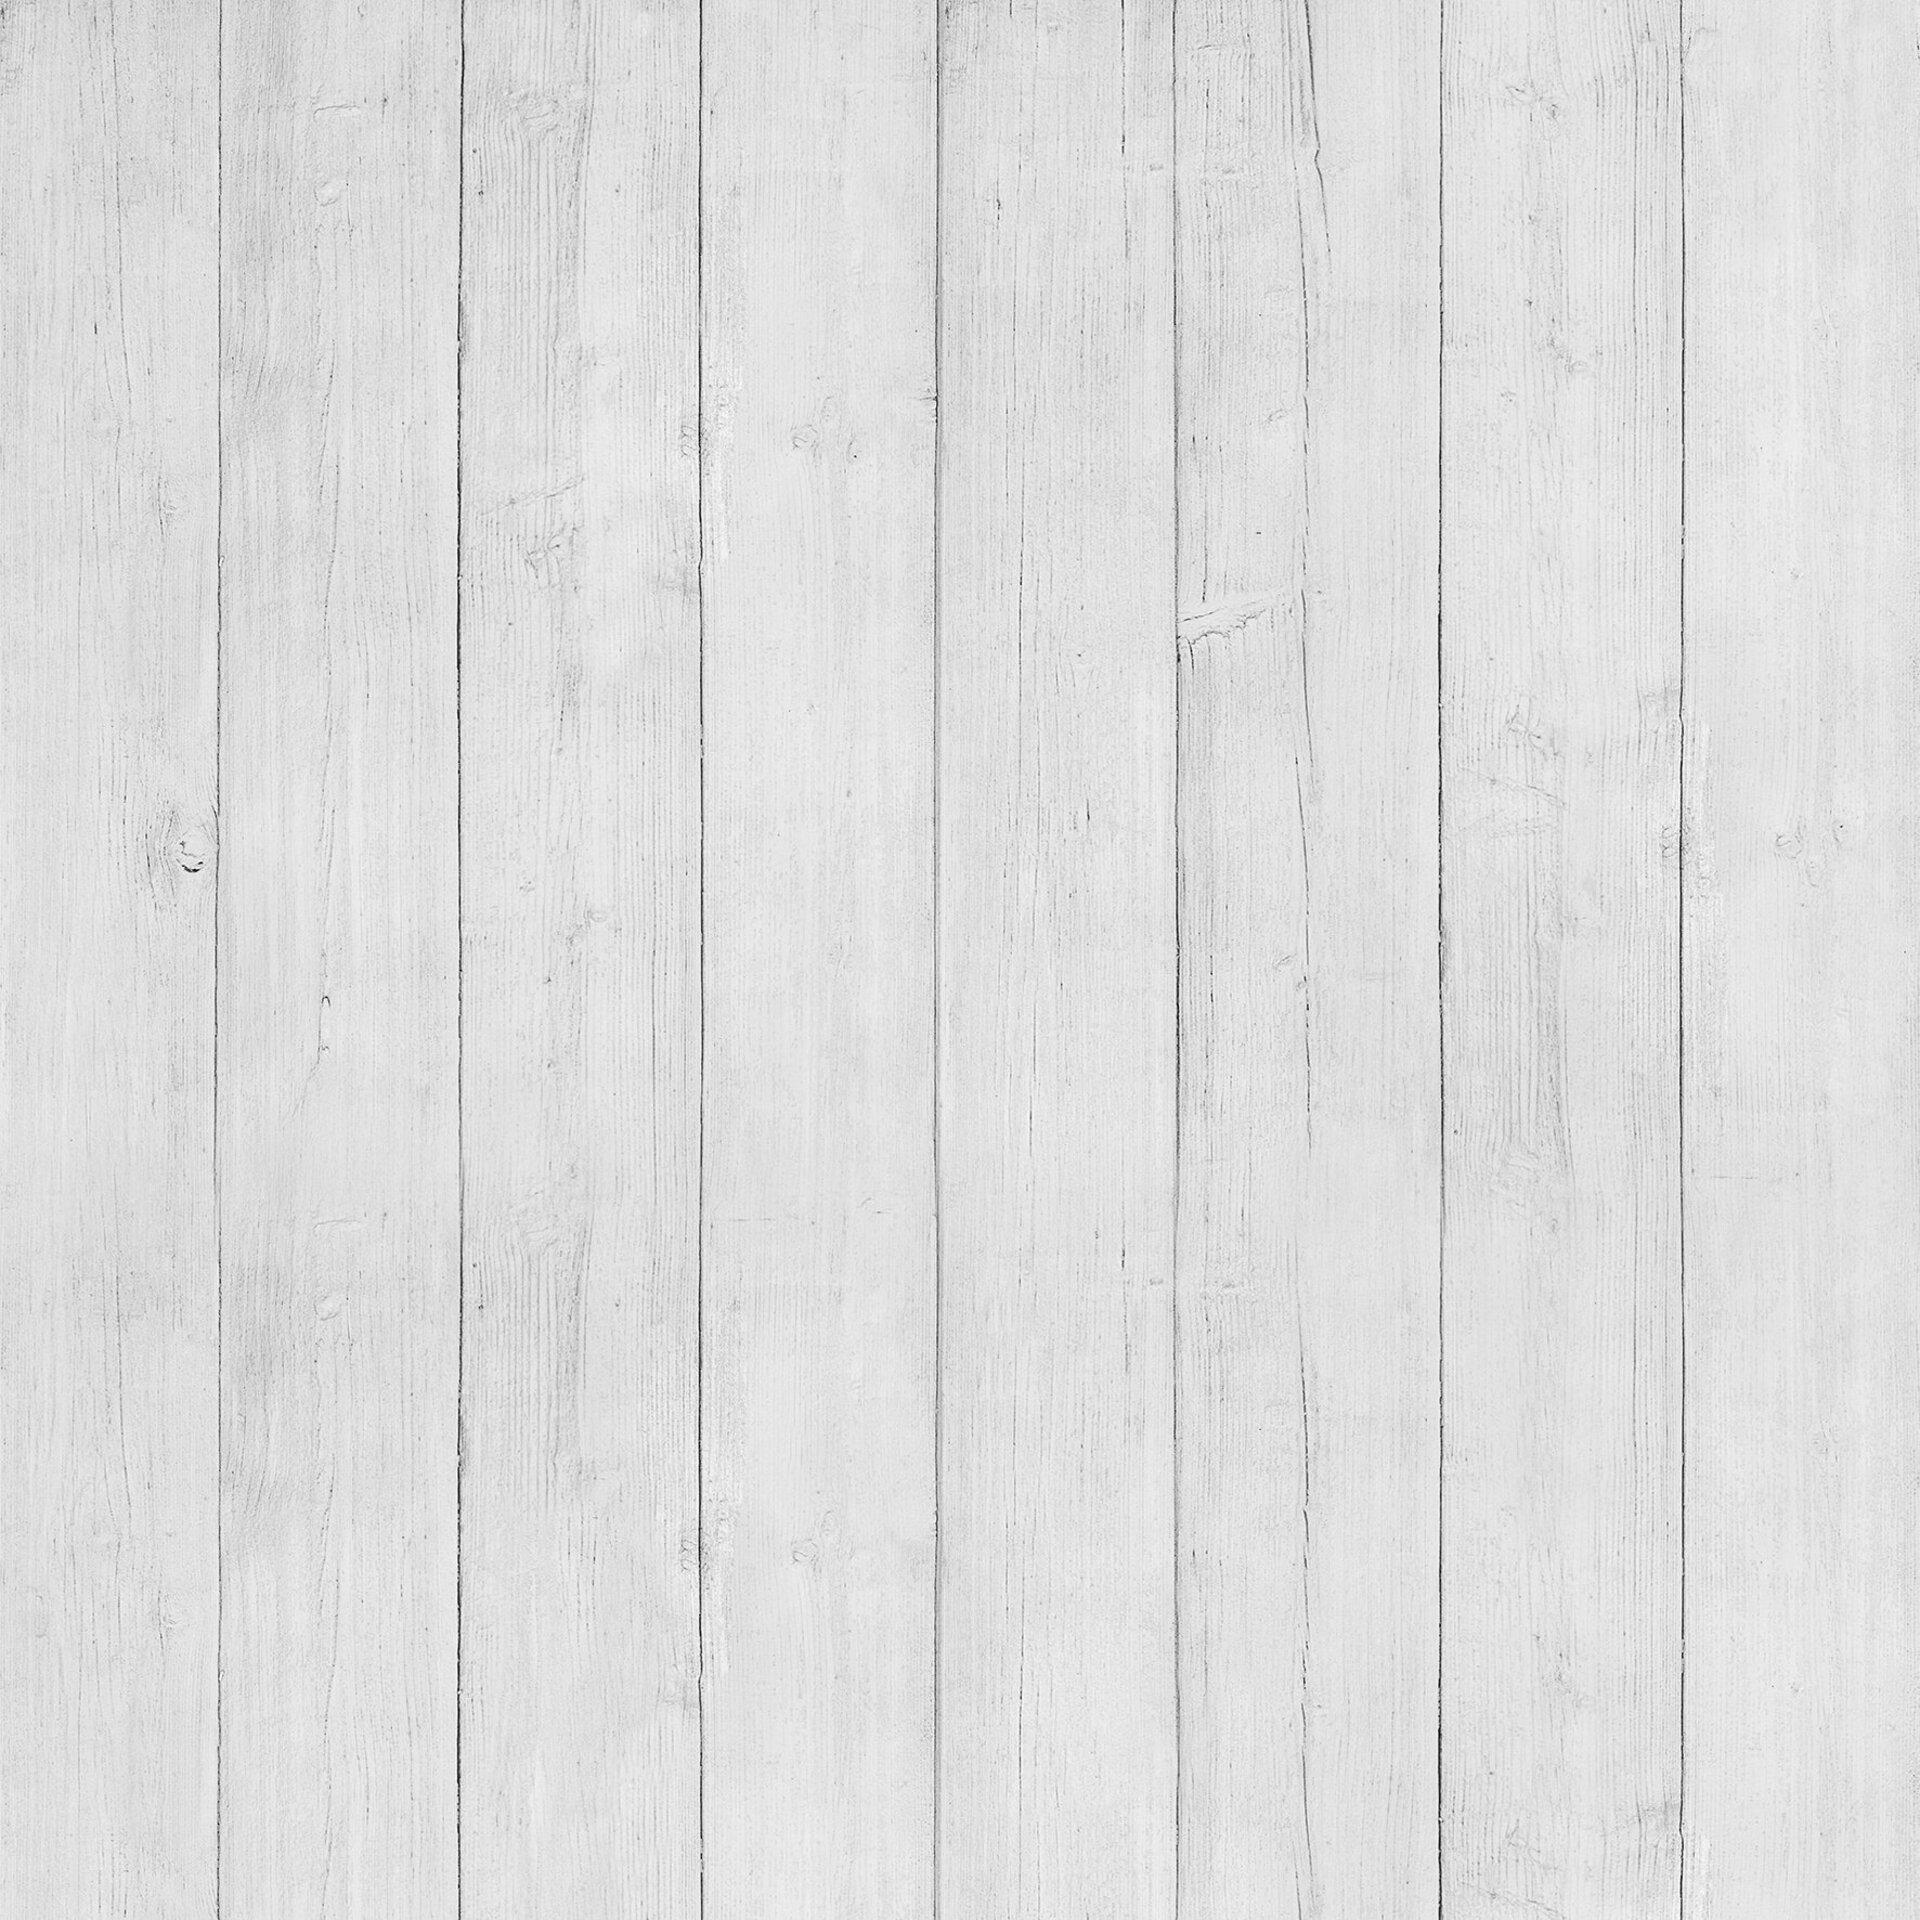 Bild Wood Weiß Pro-Art Glas 50 x 50 x 1 cm